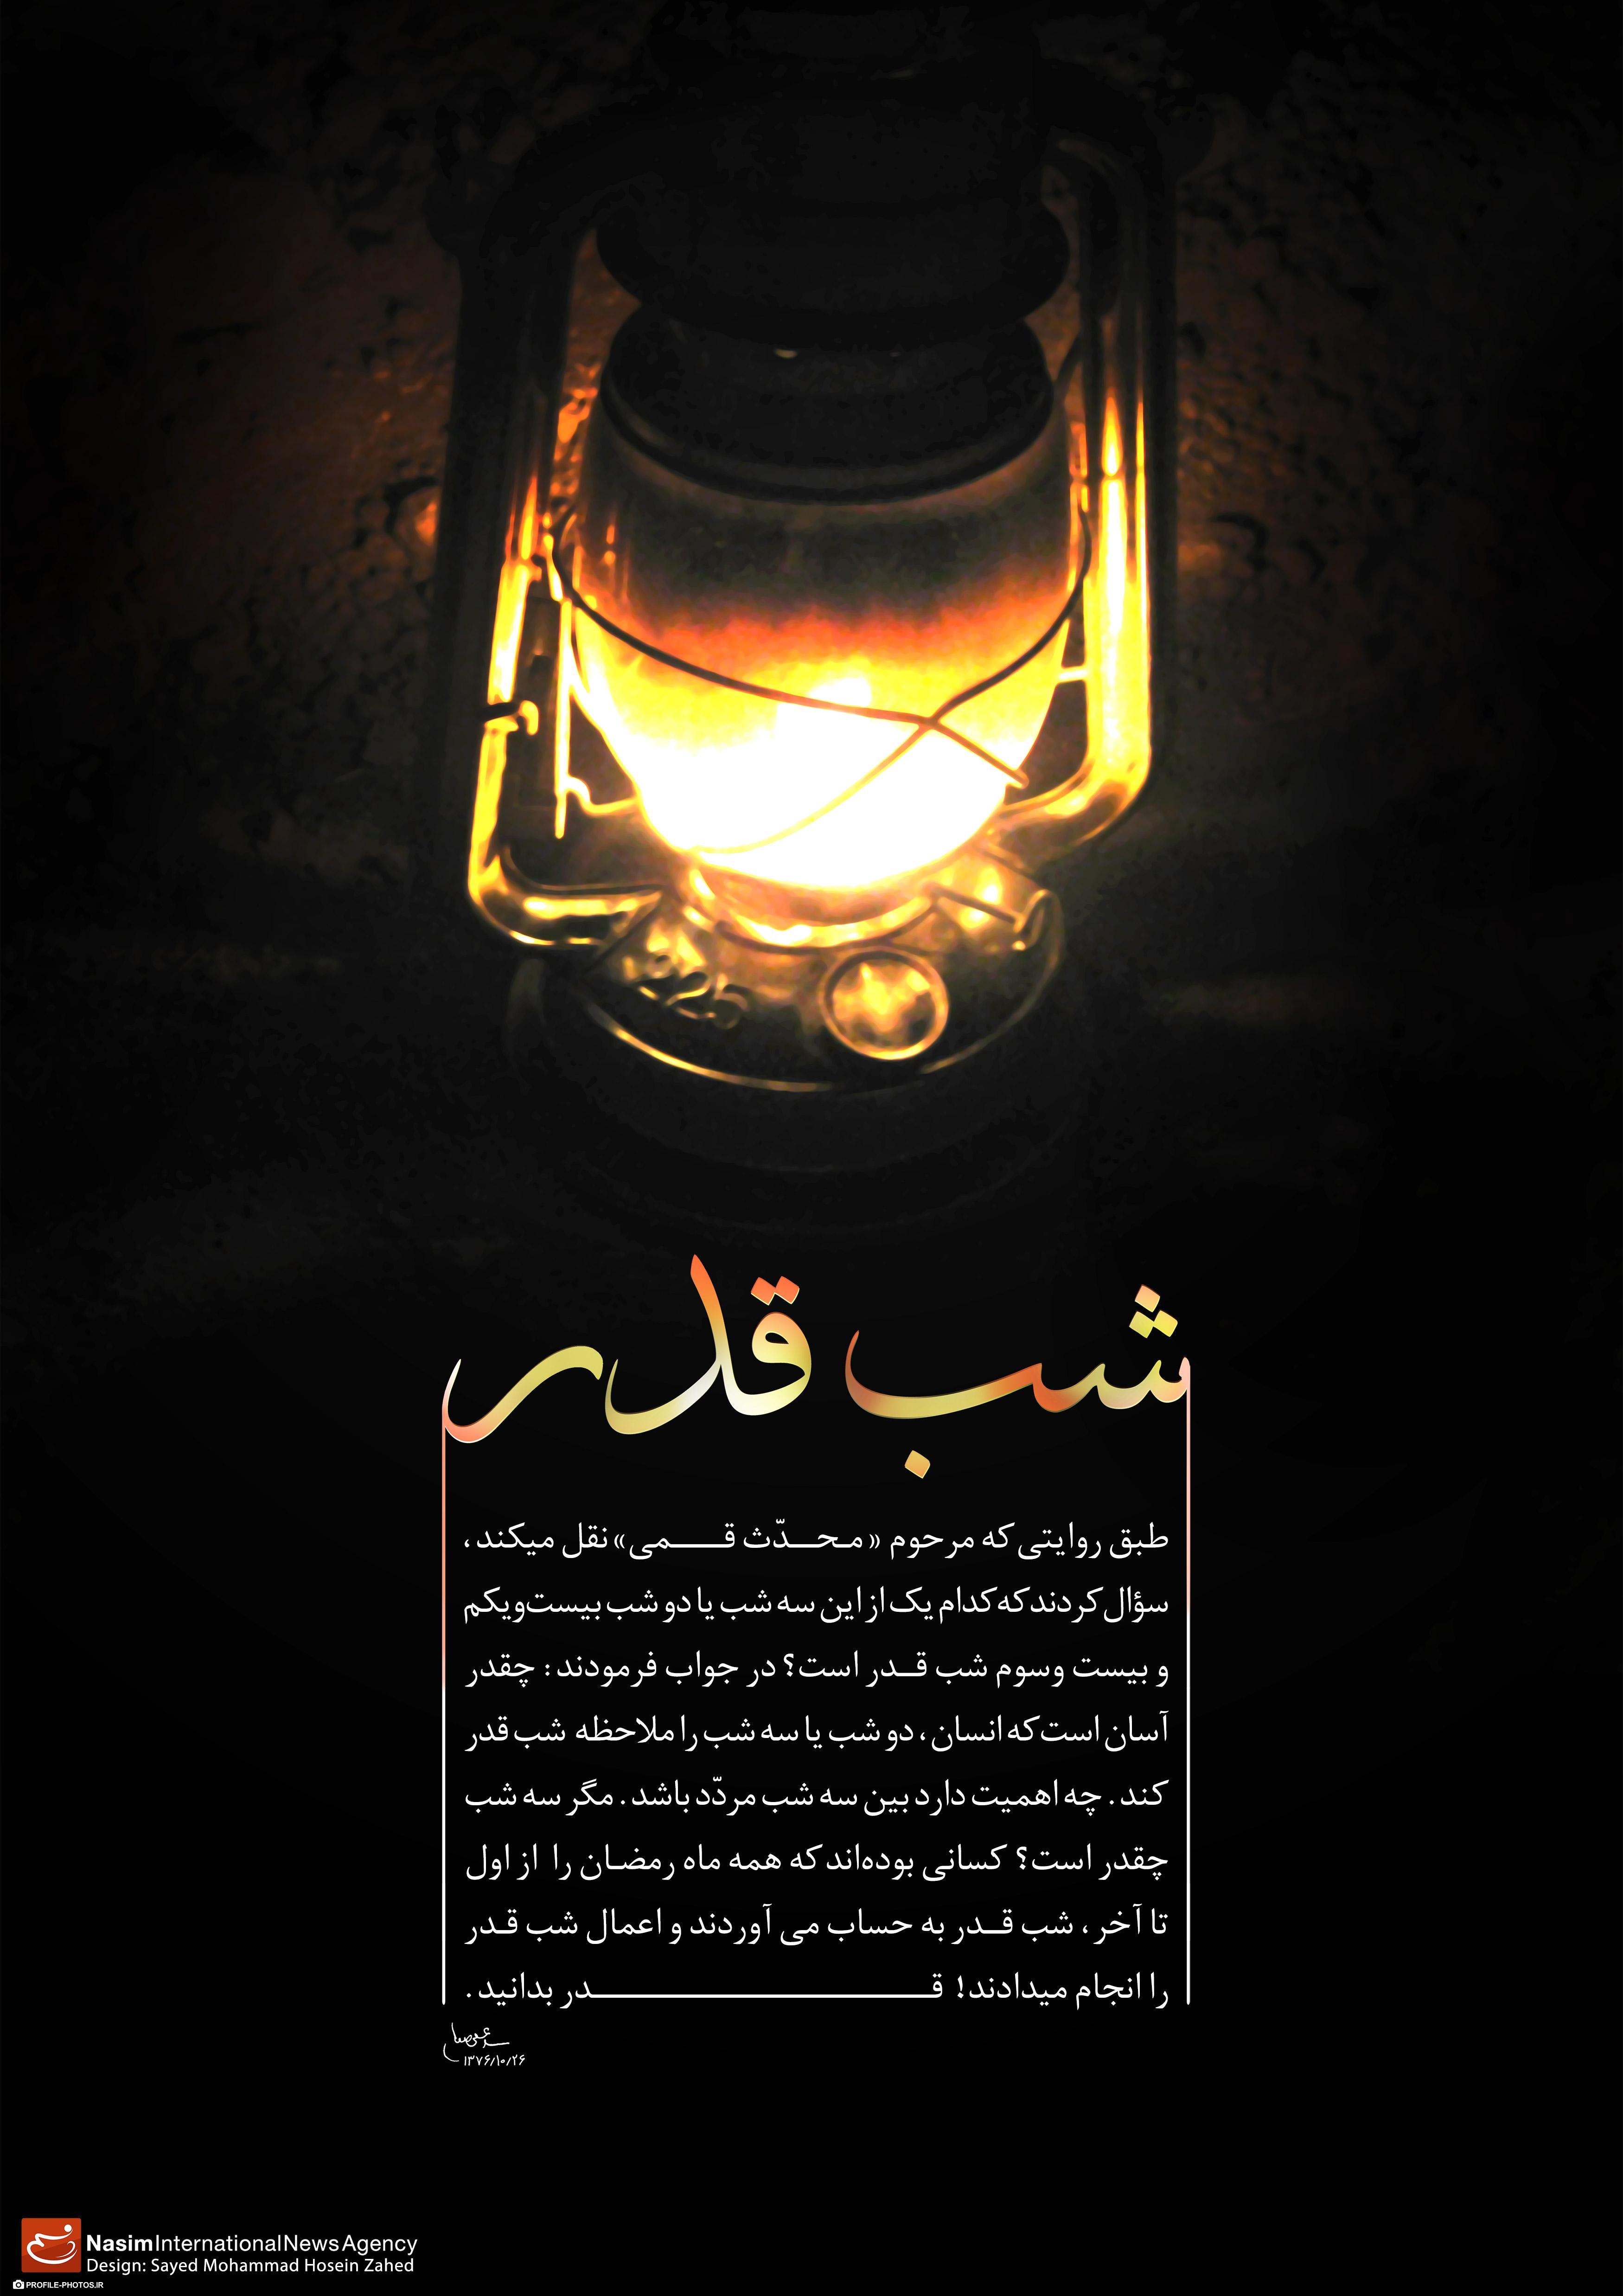 پروفایل شب قدر رمضان